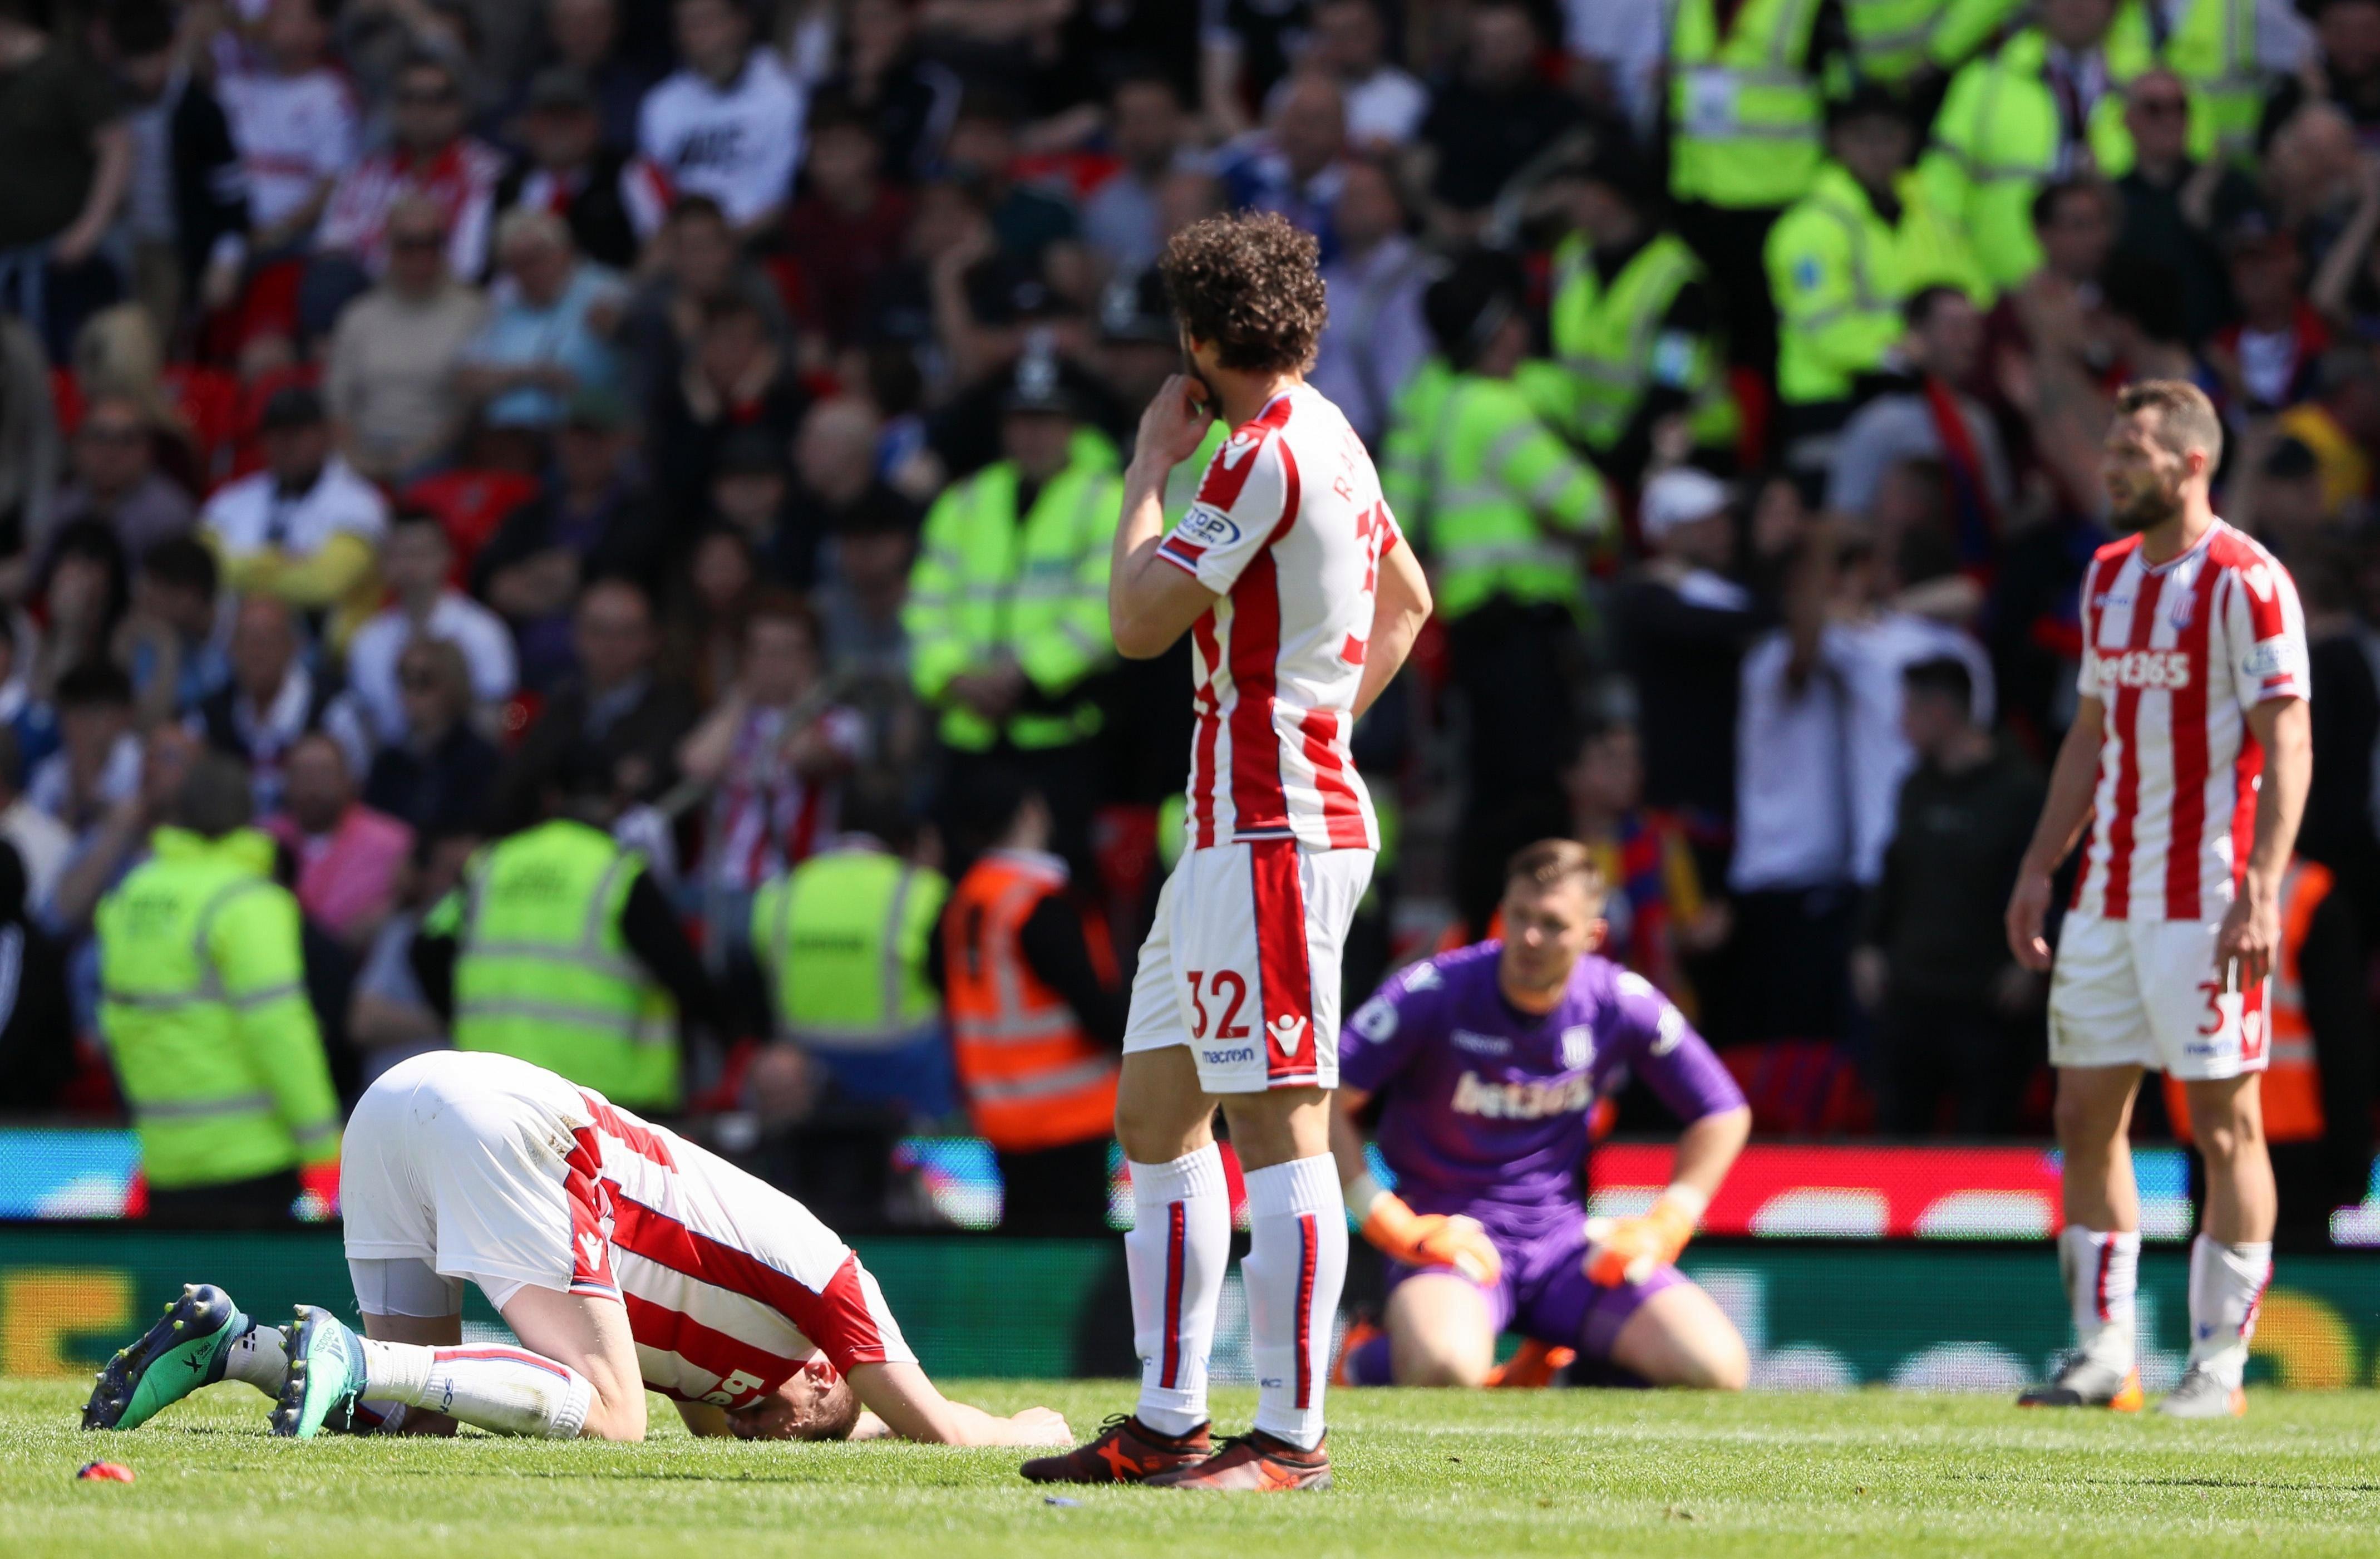 Some sad Stoke players